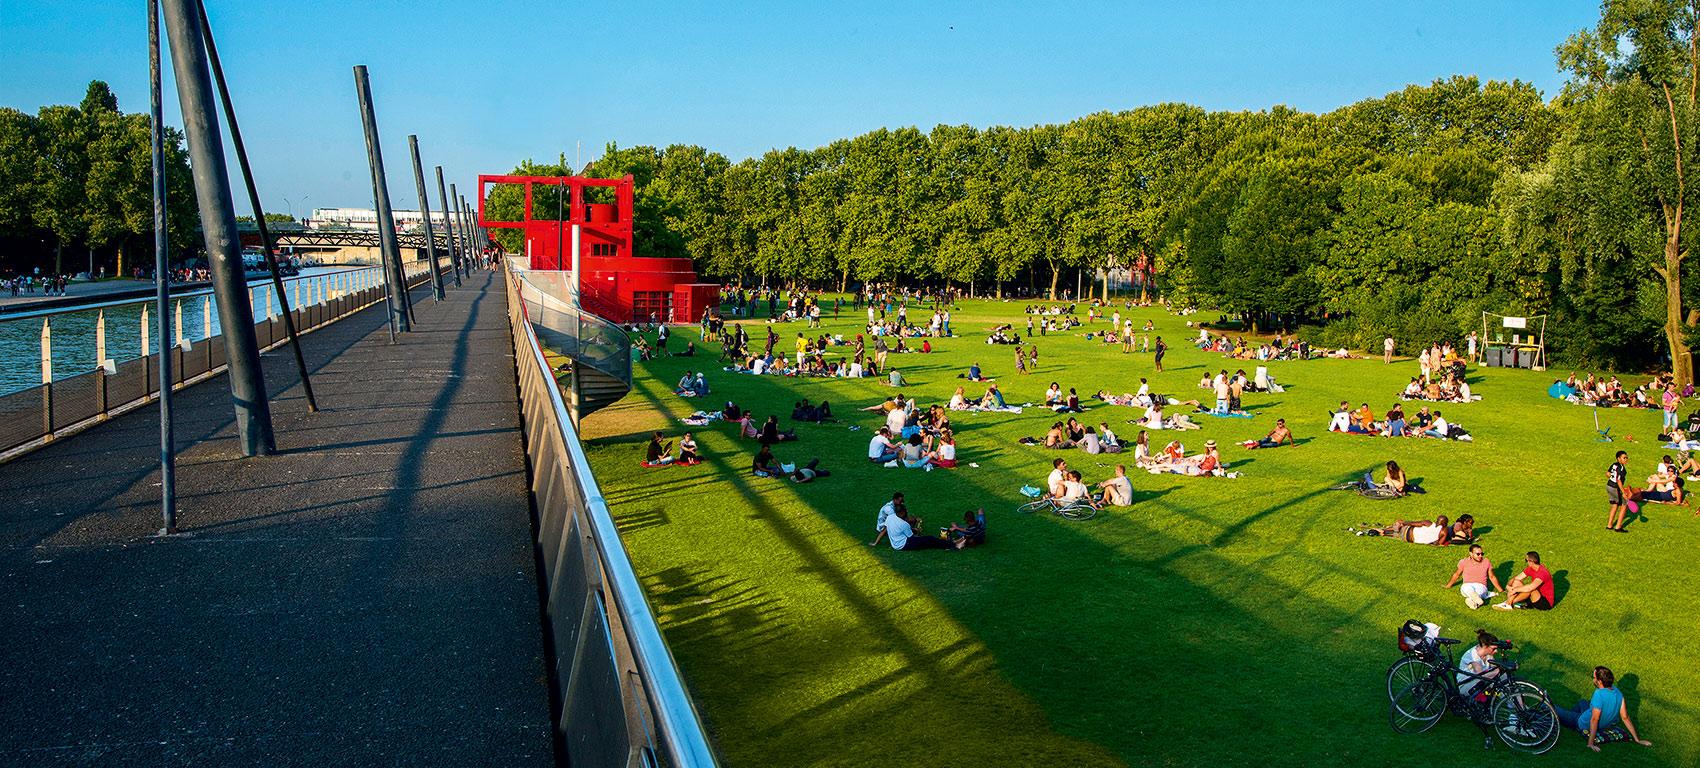 Des open airs électroniques vont être organisés dans toute la France, tout l'été